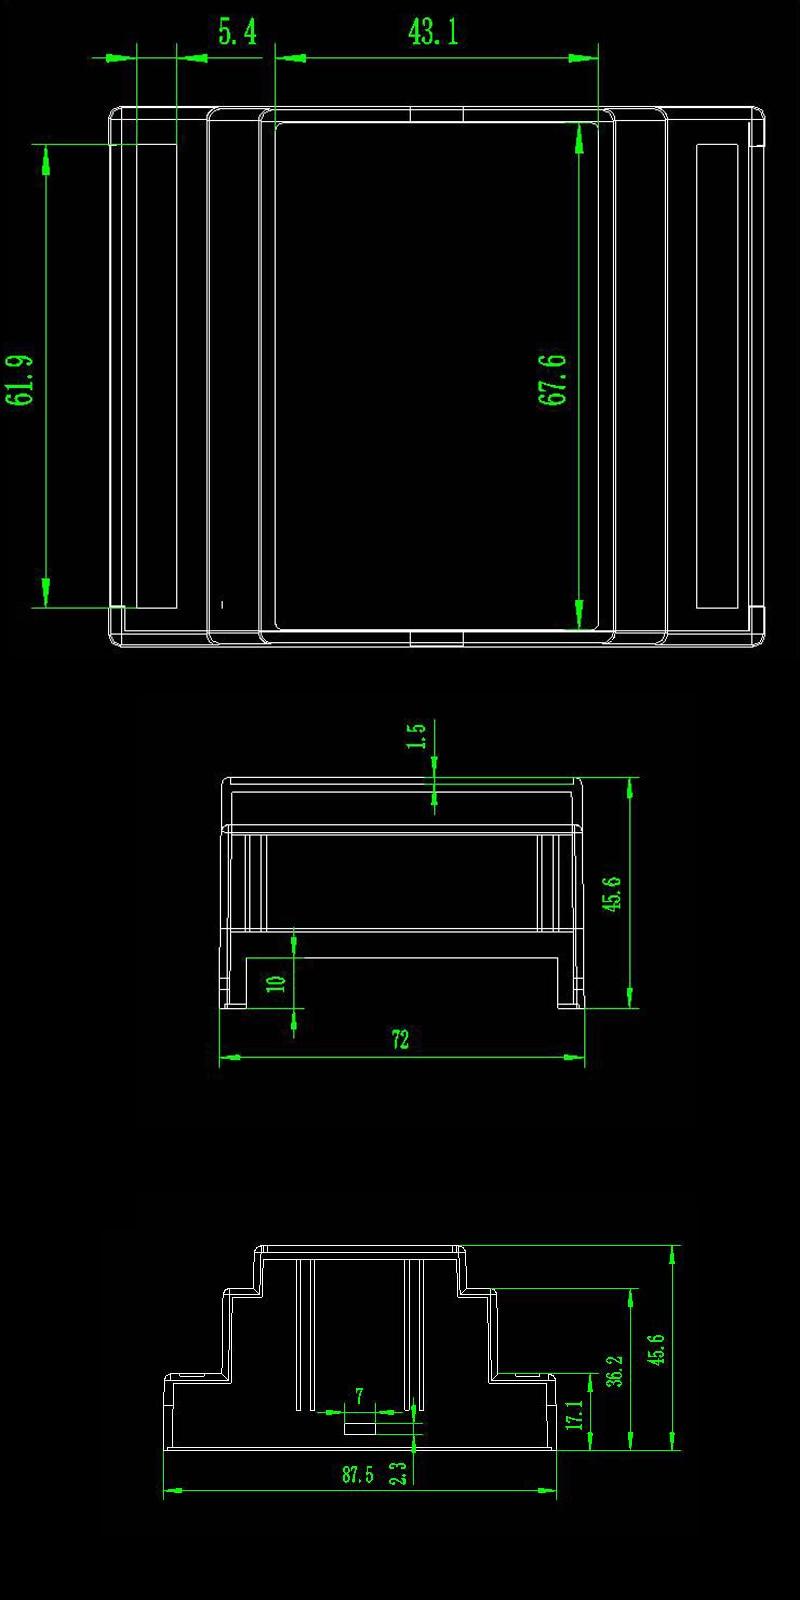 1 шт./лот модуль преобразователя проект коробка 88*72*59 мм ABS пластиковый корпус коробка diy для din-рейку оборудования распределительная коробка